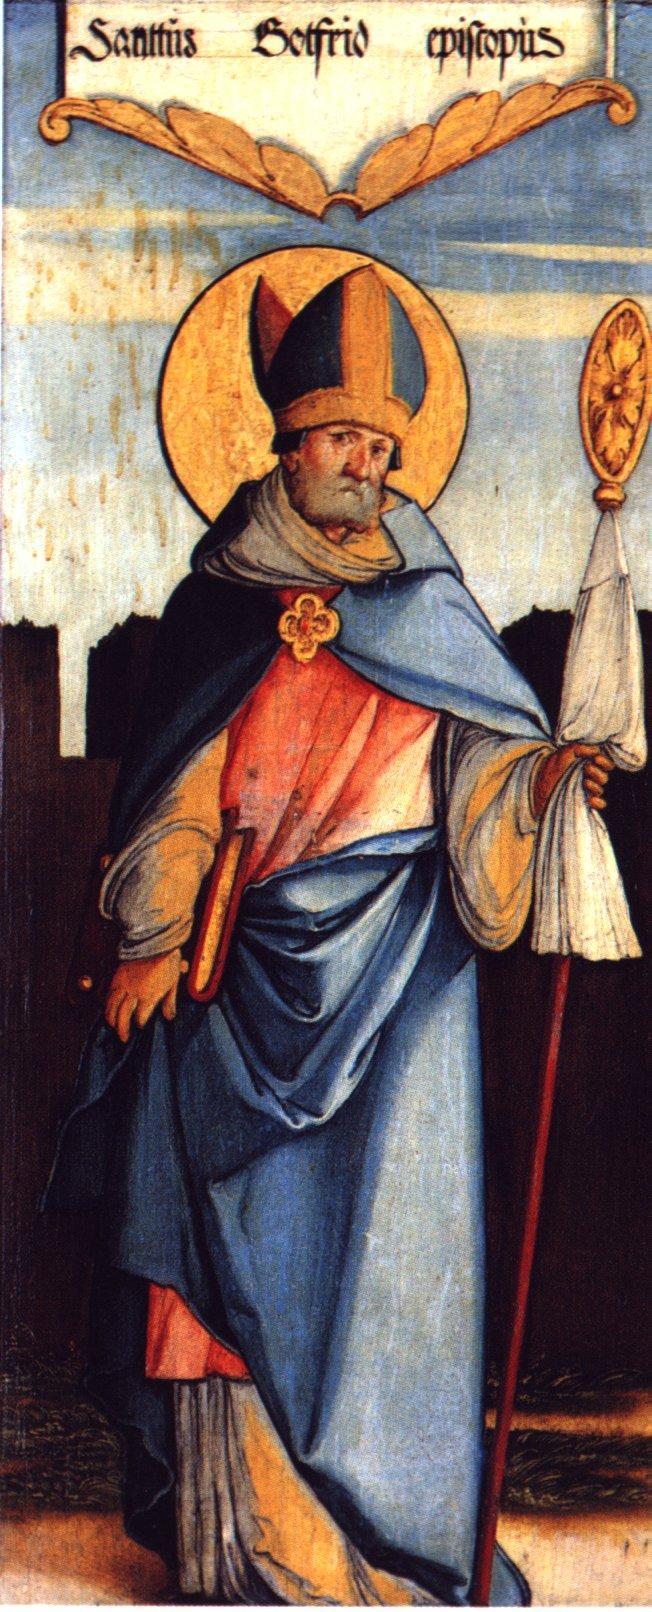 Heiliger gottfried 2